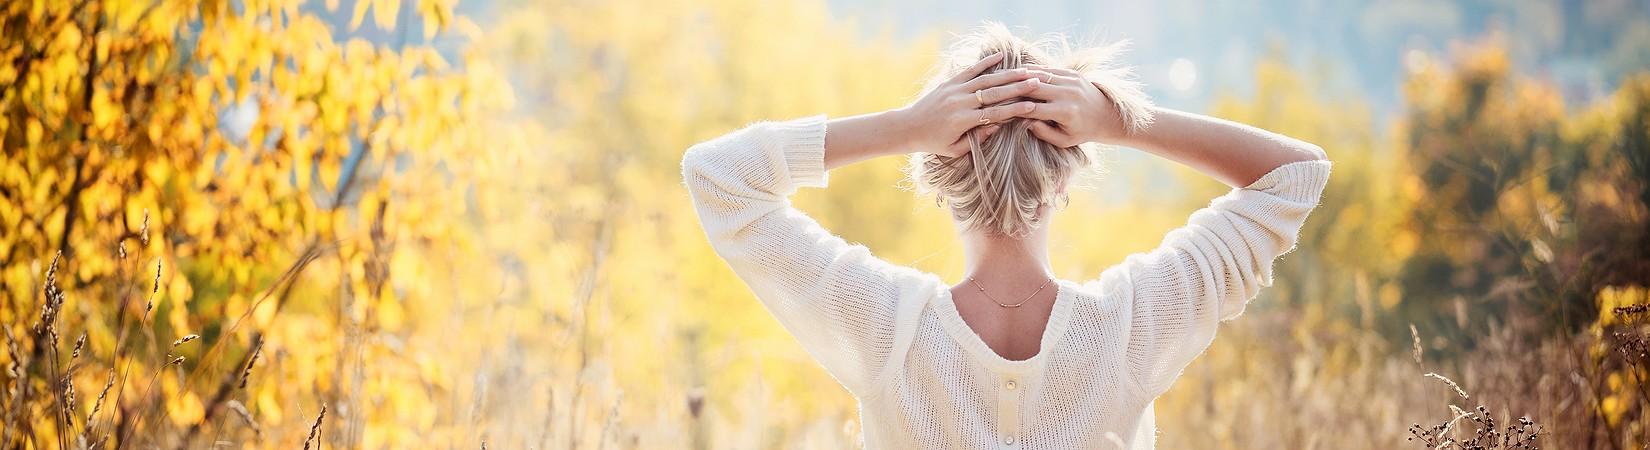 9 preguntas diarias que podrían mejorar tu vida para siempre